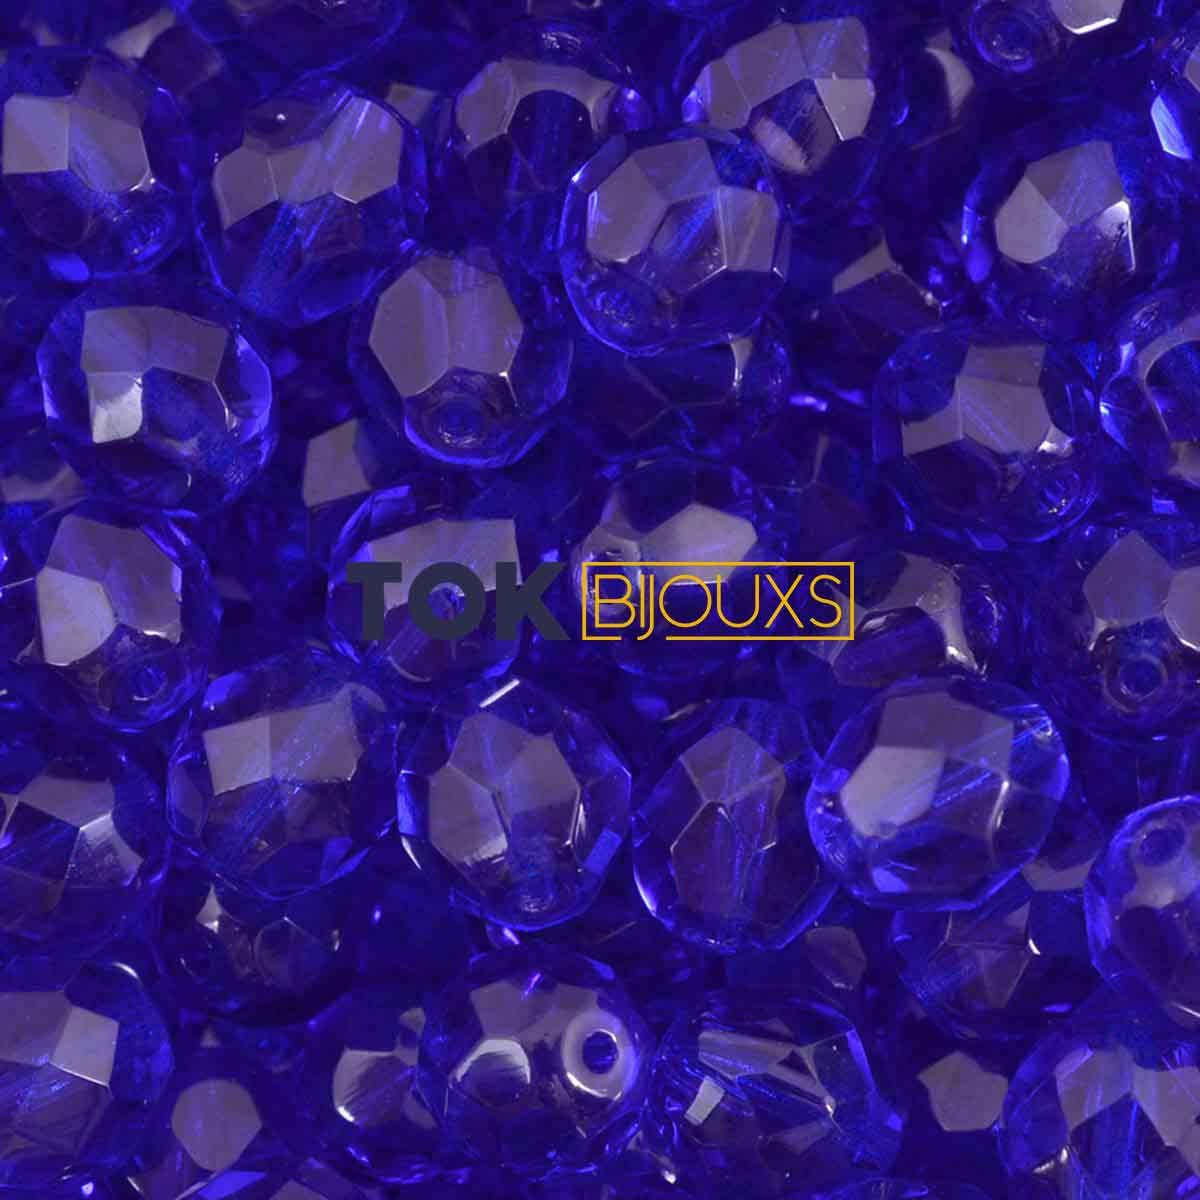 Cristal Jablonex / Preciosa ® 8mm - Azulão Transparente - Unidade